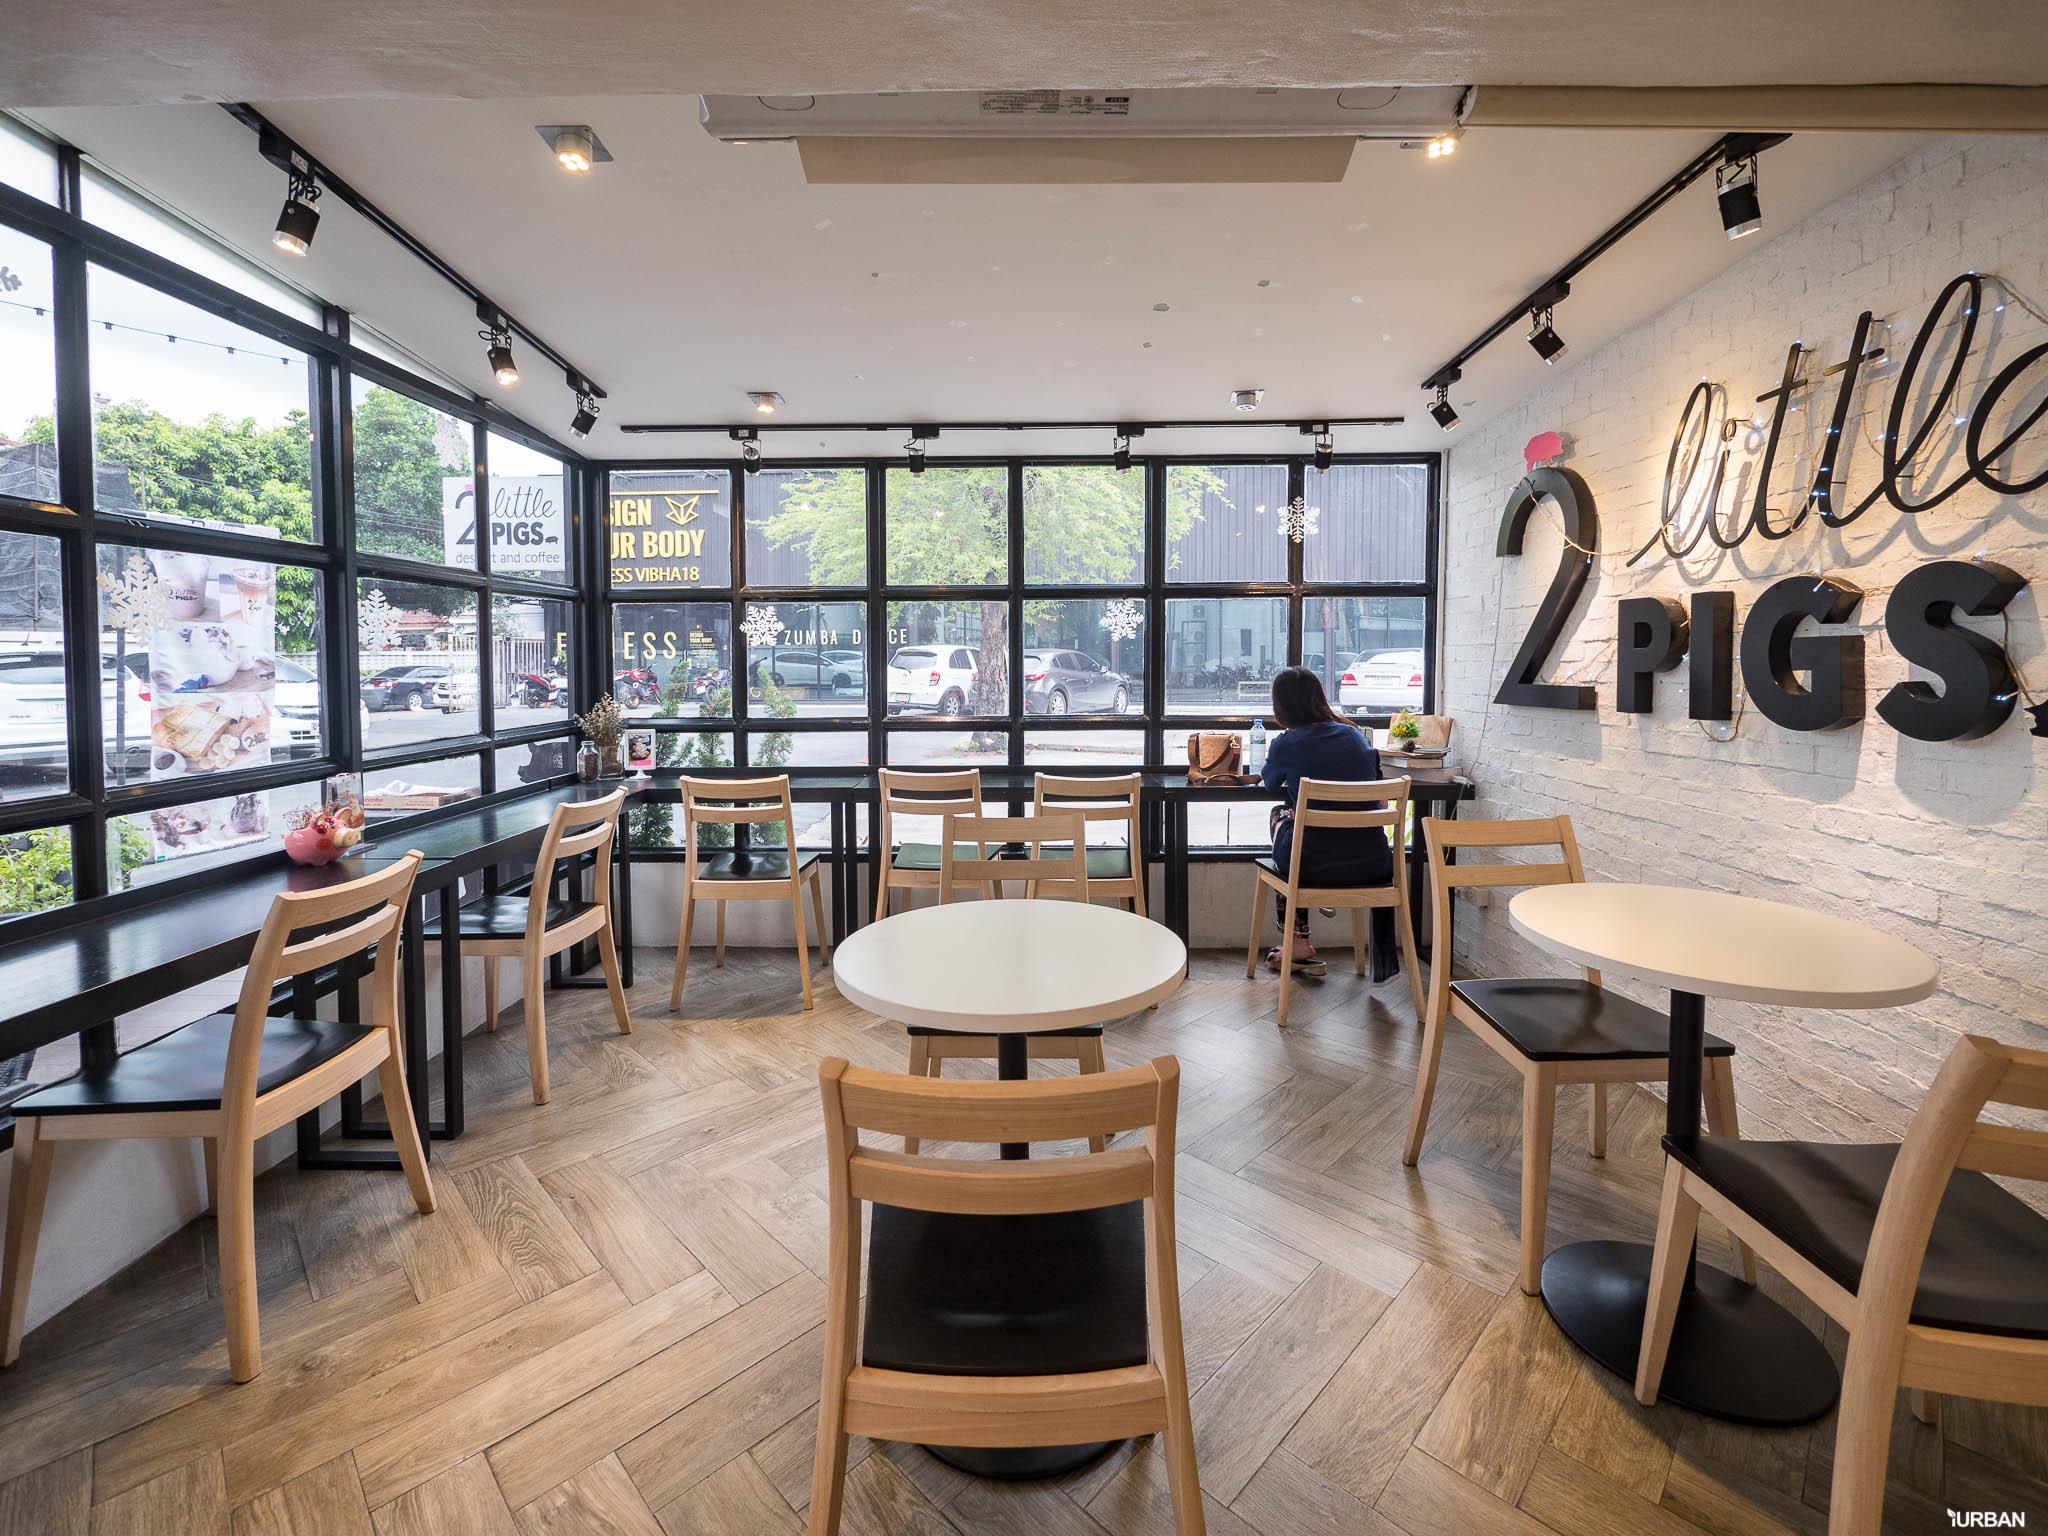 8 คาเฟ่ จตุจักร และร้านกาแฟที่ Unique ดีมีสไตล์น่าสนใจ เหมาะกับไลฟ์สไตล์วันชิลๆ 73 - Premium